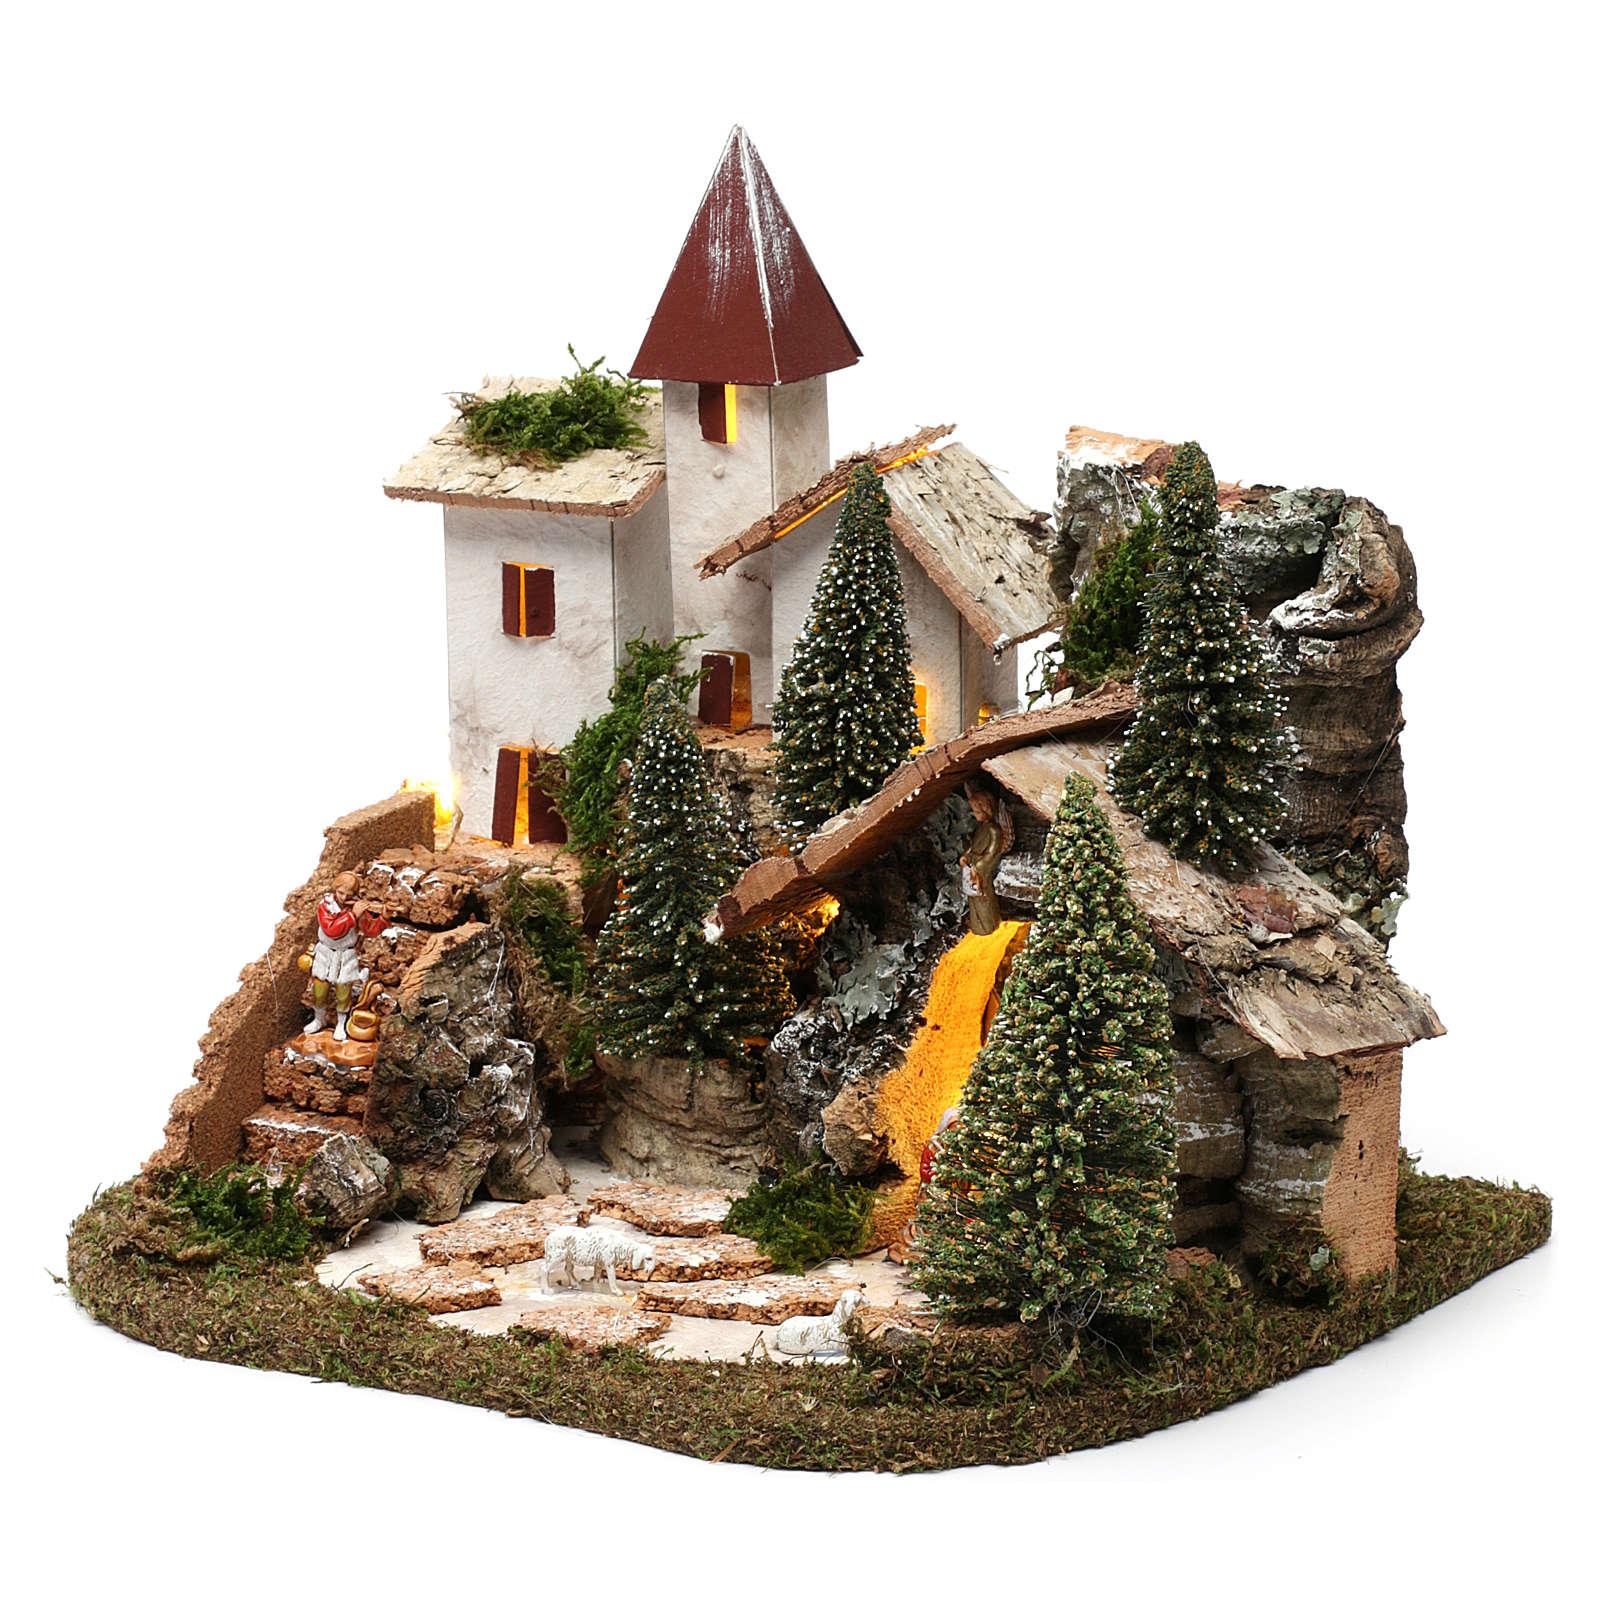 Village nordique pour crèche 19x25,5x19,5 cm 4